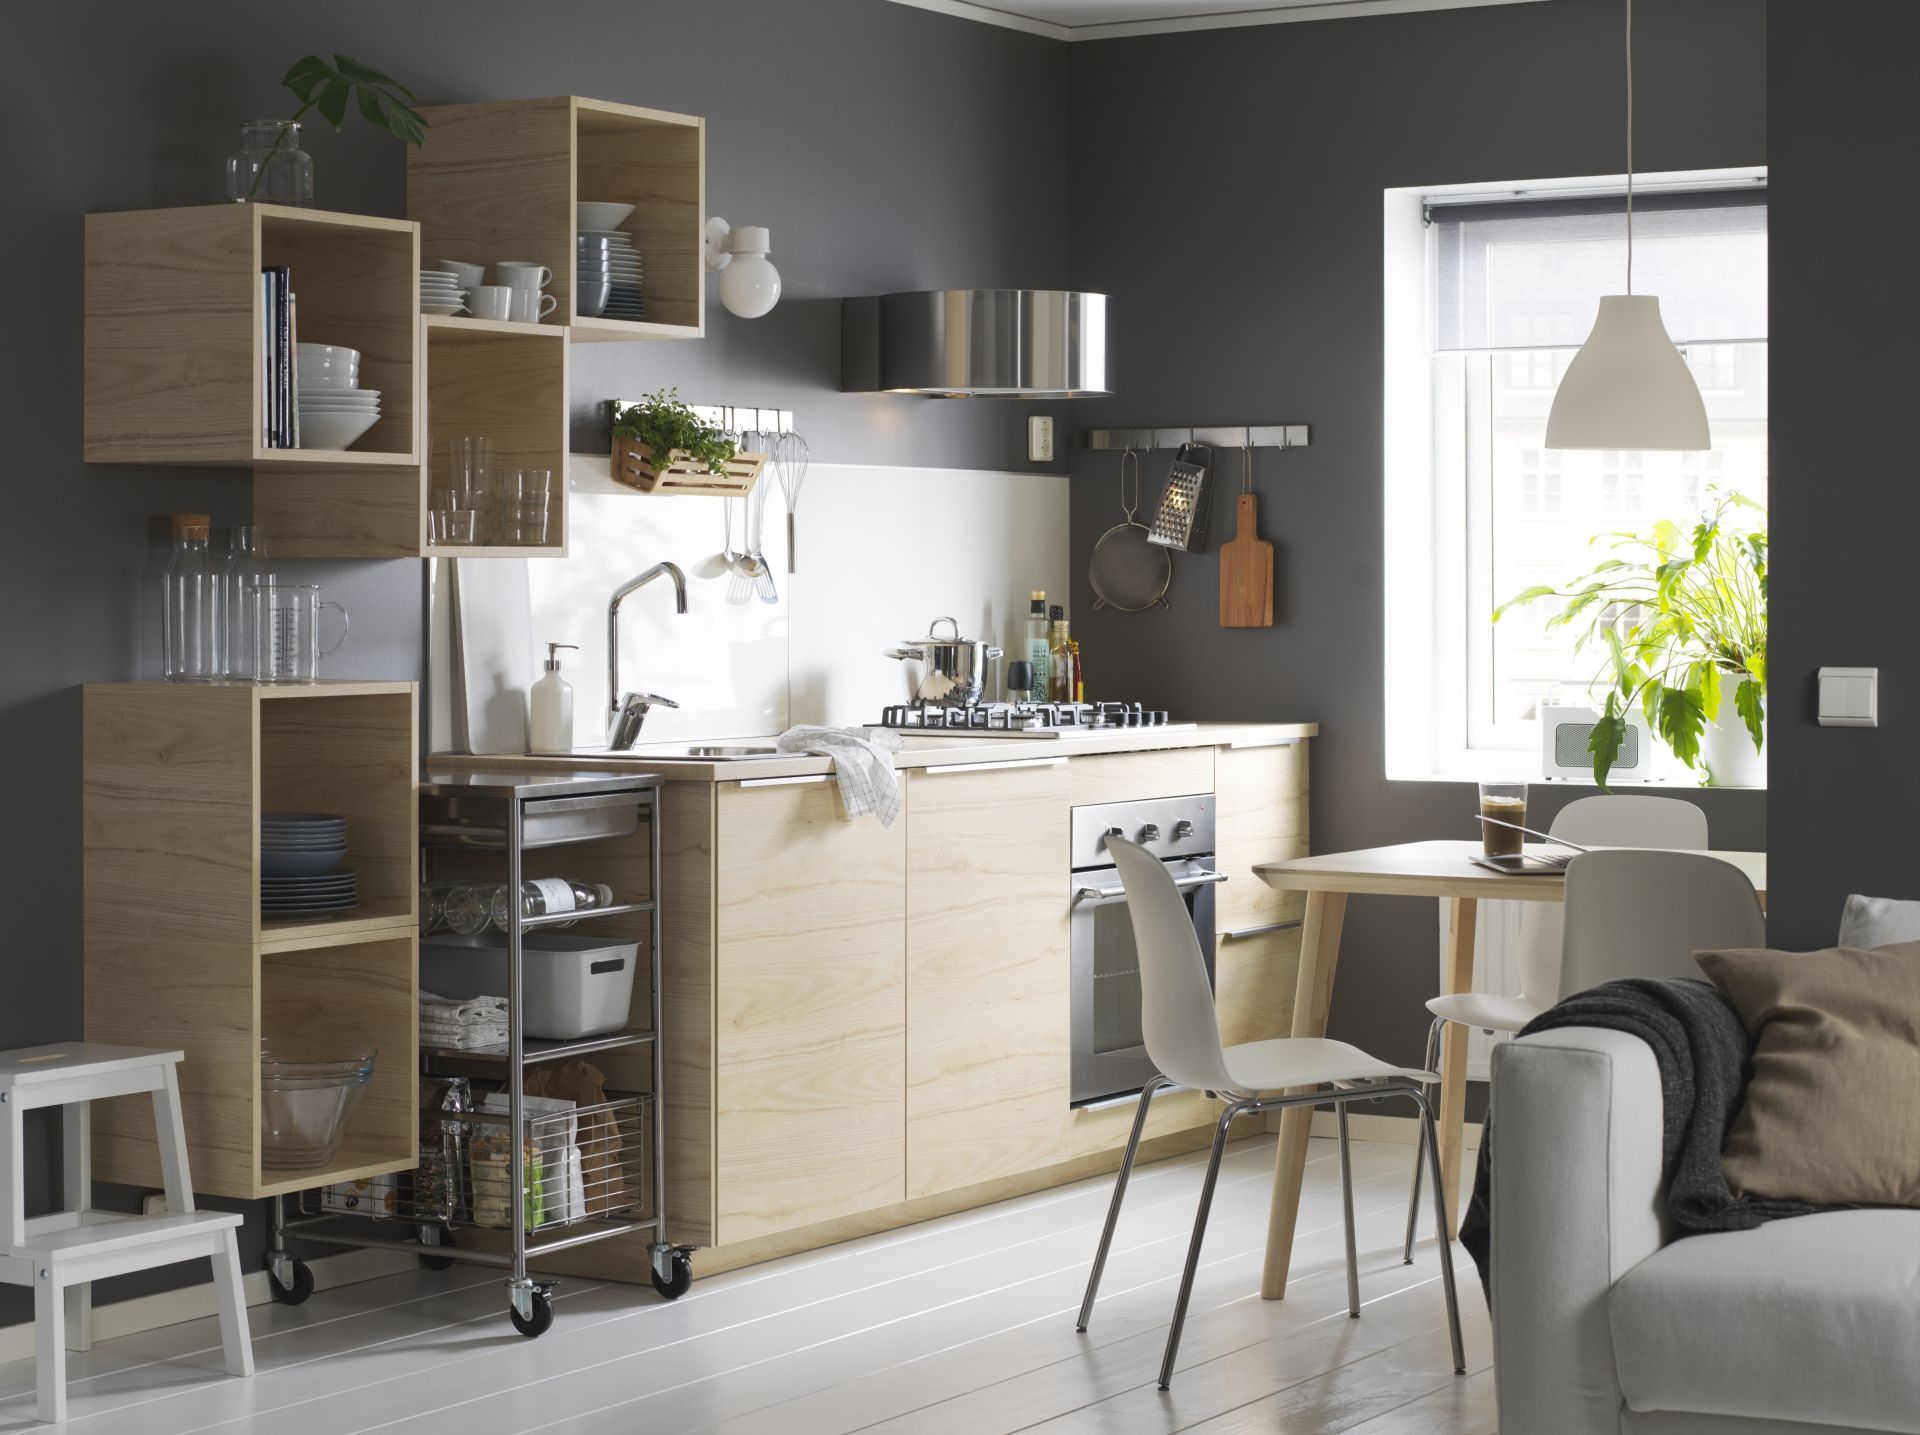 Küchenideen Ikea ~ Metod askersund keuken ikea ikeanl ikeanederland interieur